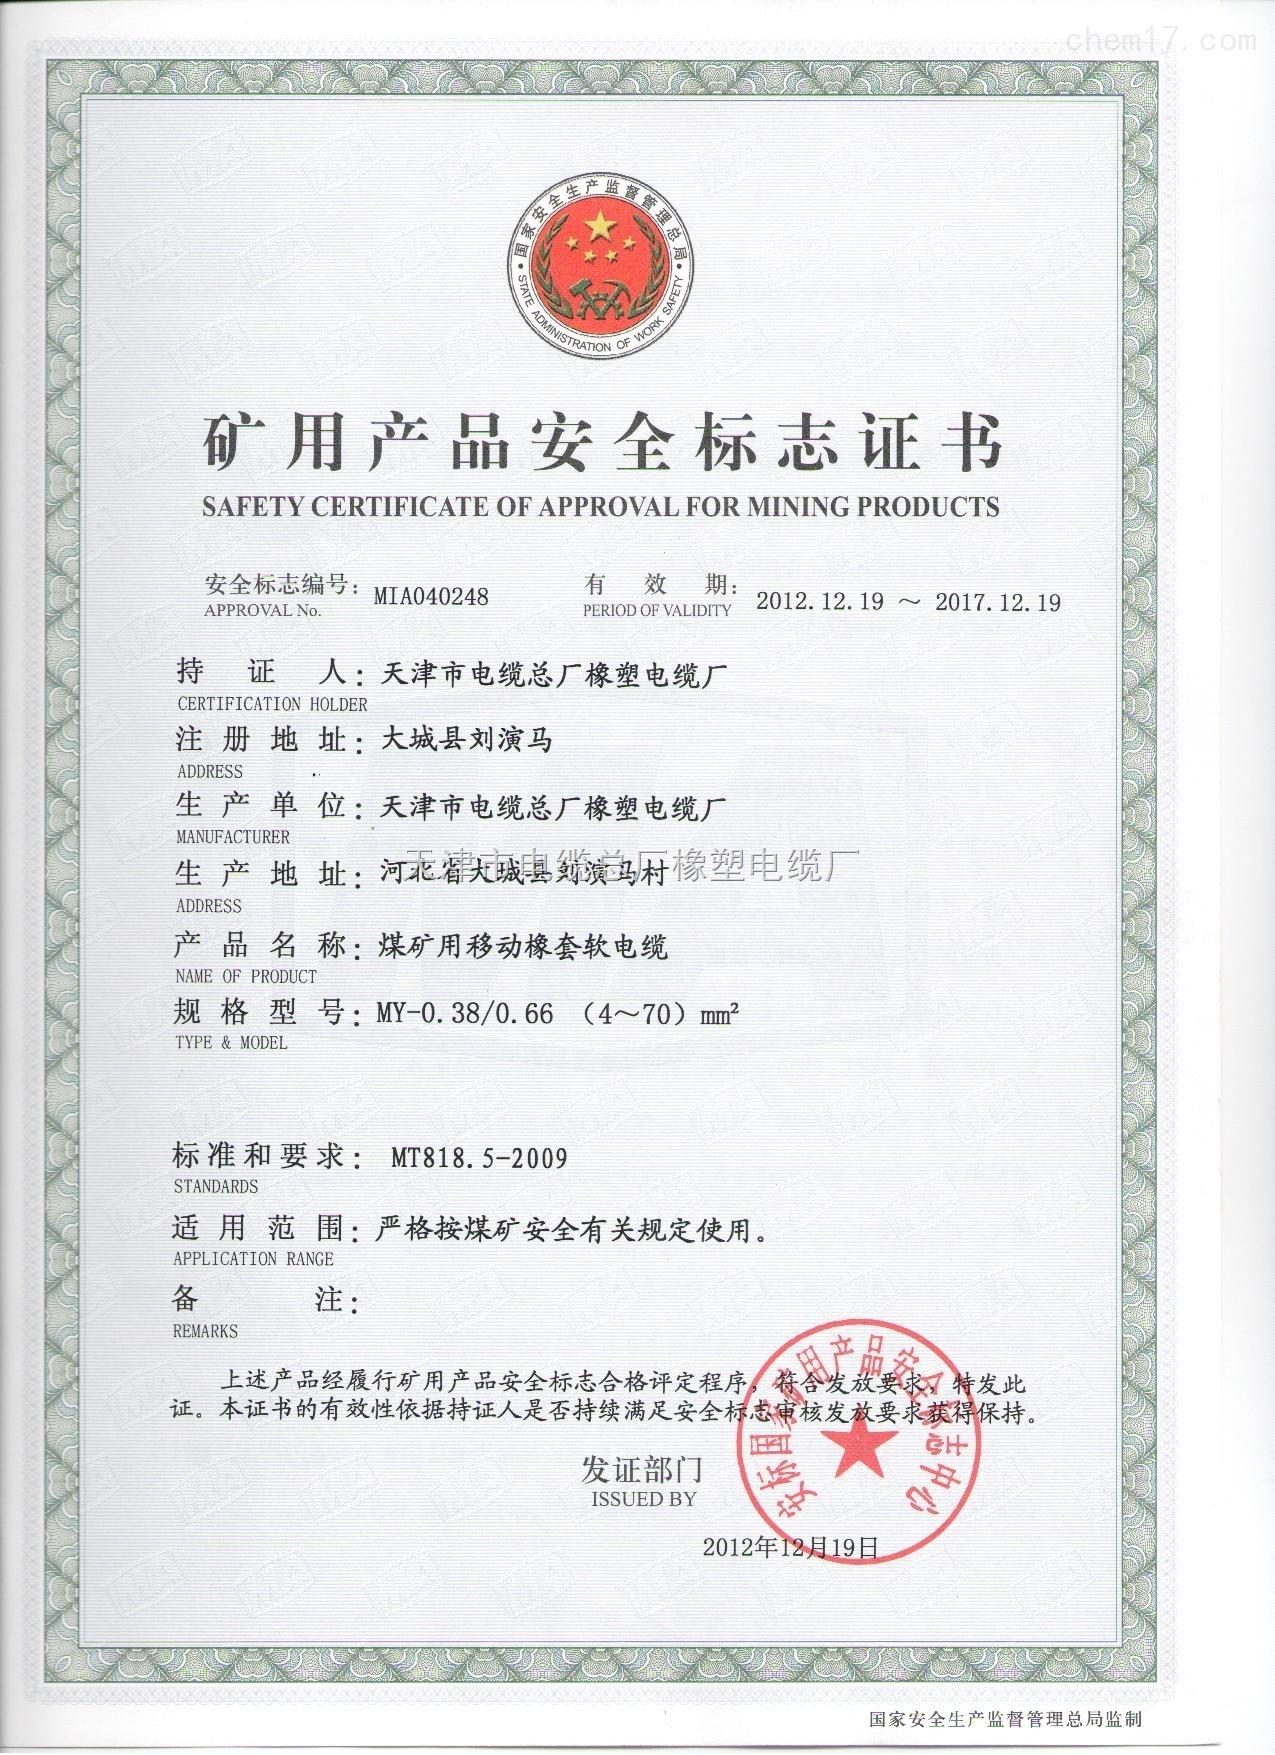 MY小平方矿用产品安全标志证书